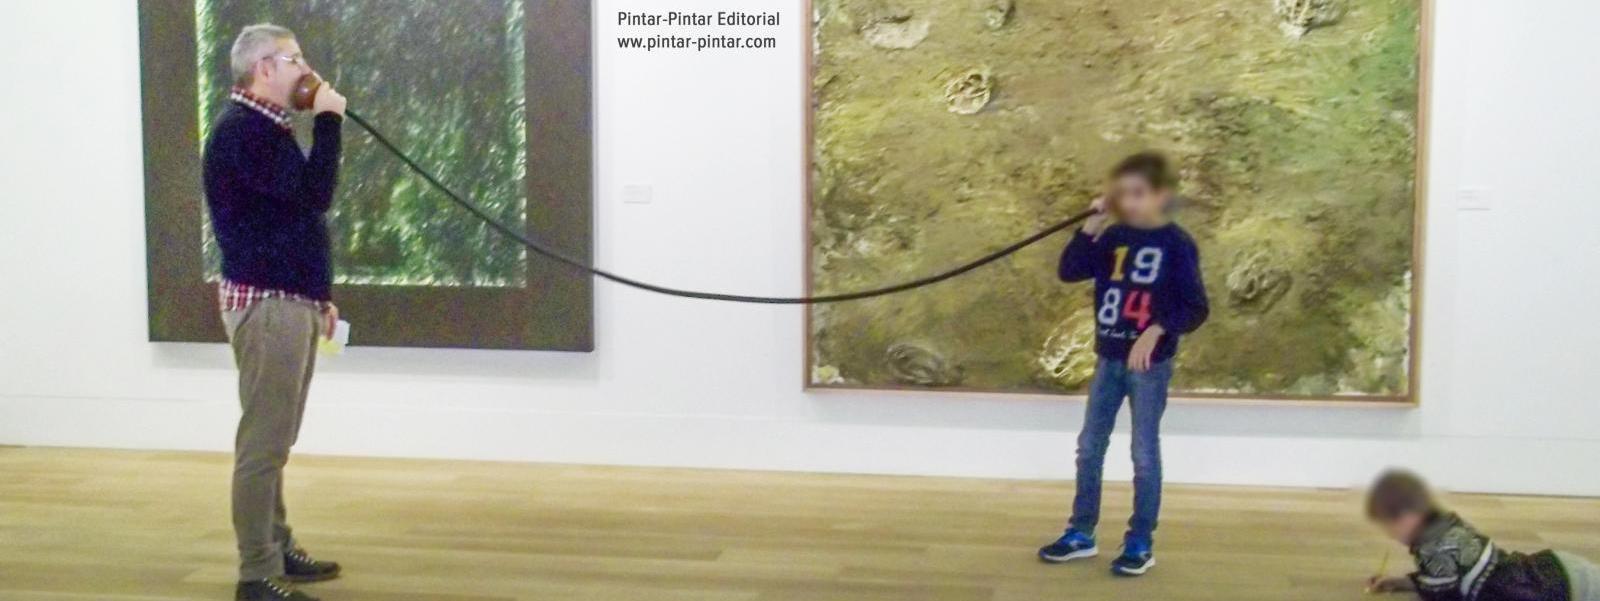 Talleres Pintar-Pintar para esta Semana Santa en el Museo de Bellas Artes de Asturias y en el Centro Niemeyer